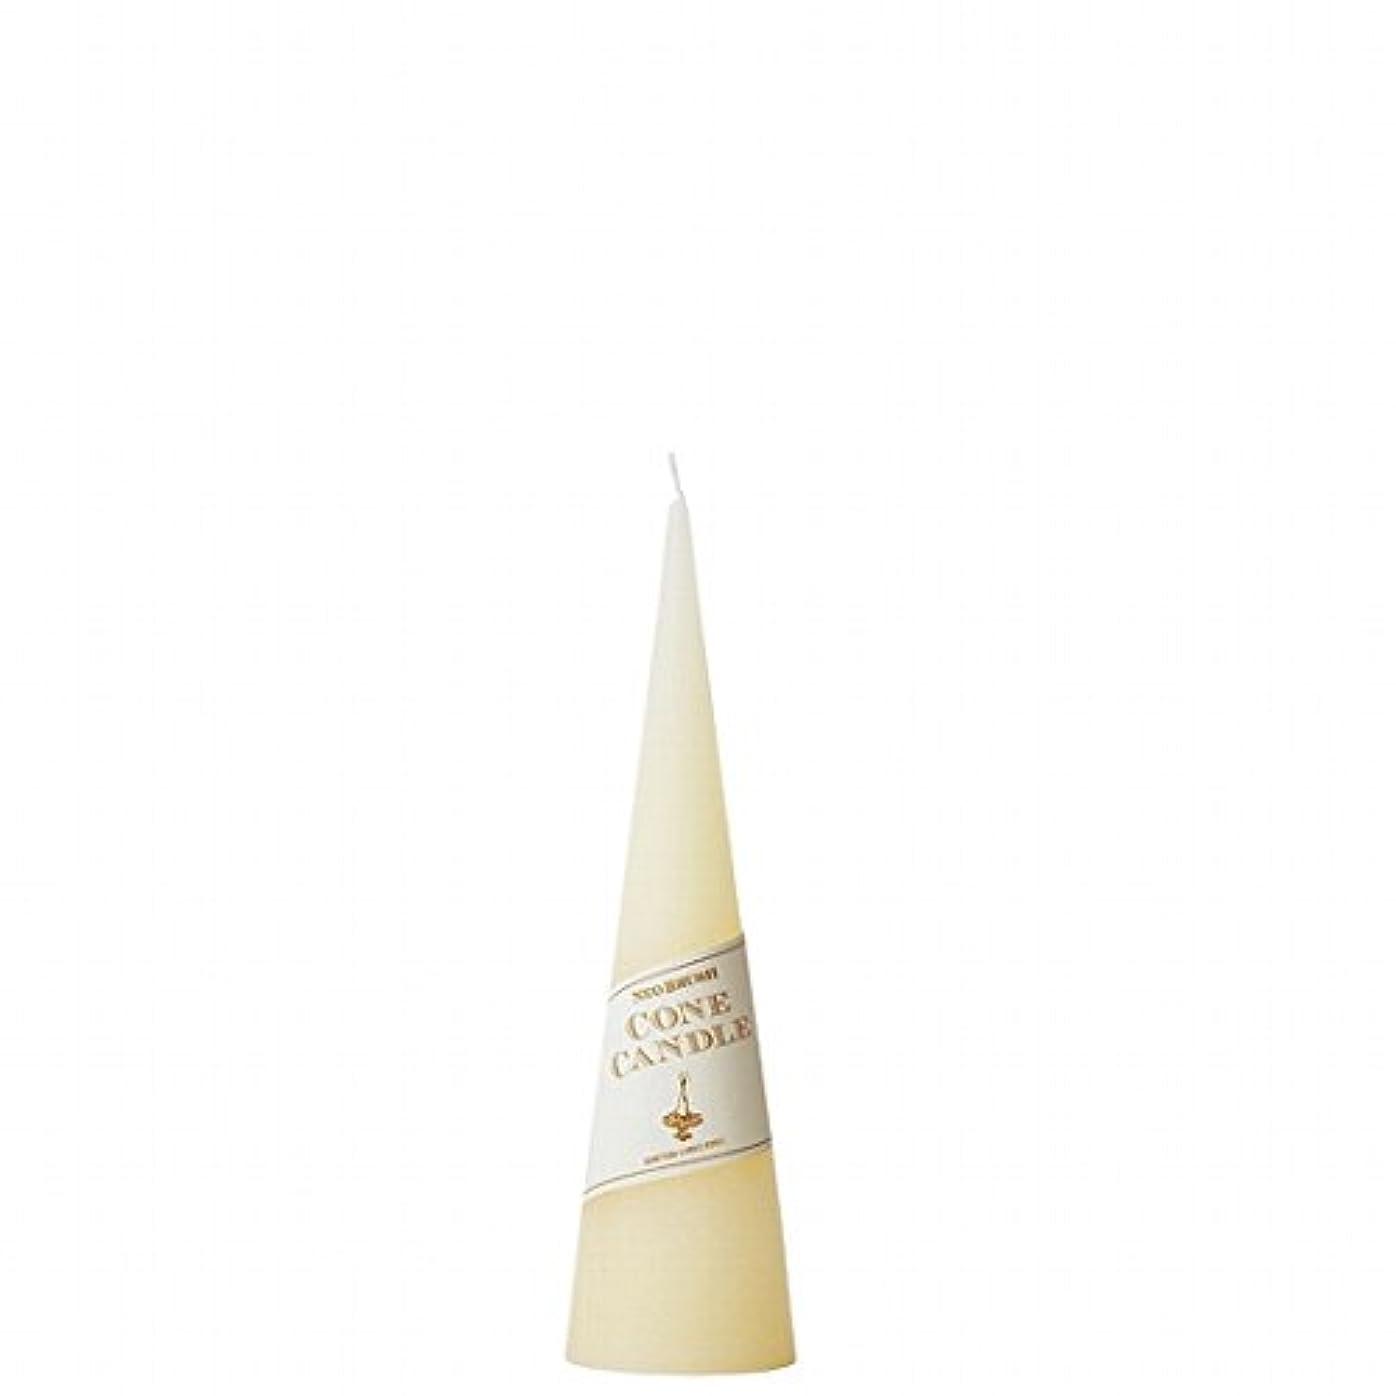 細胞クラブ証言するカメヤマキャンドル( kameyama candle ) ネオブラッシュコーン 180 キャンドル 「 アイボリー 」